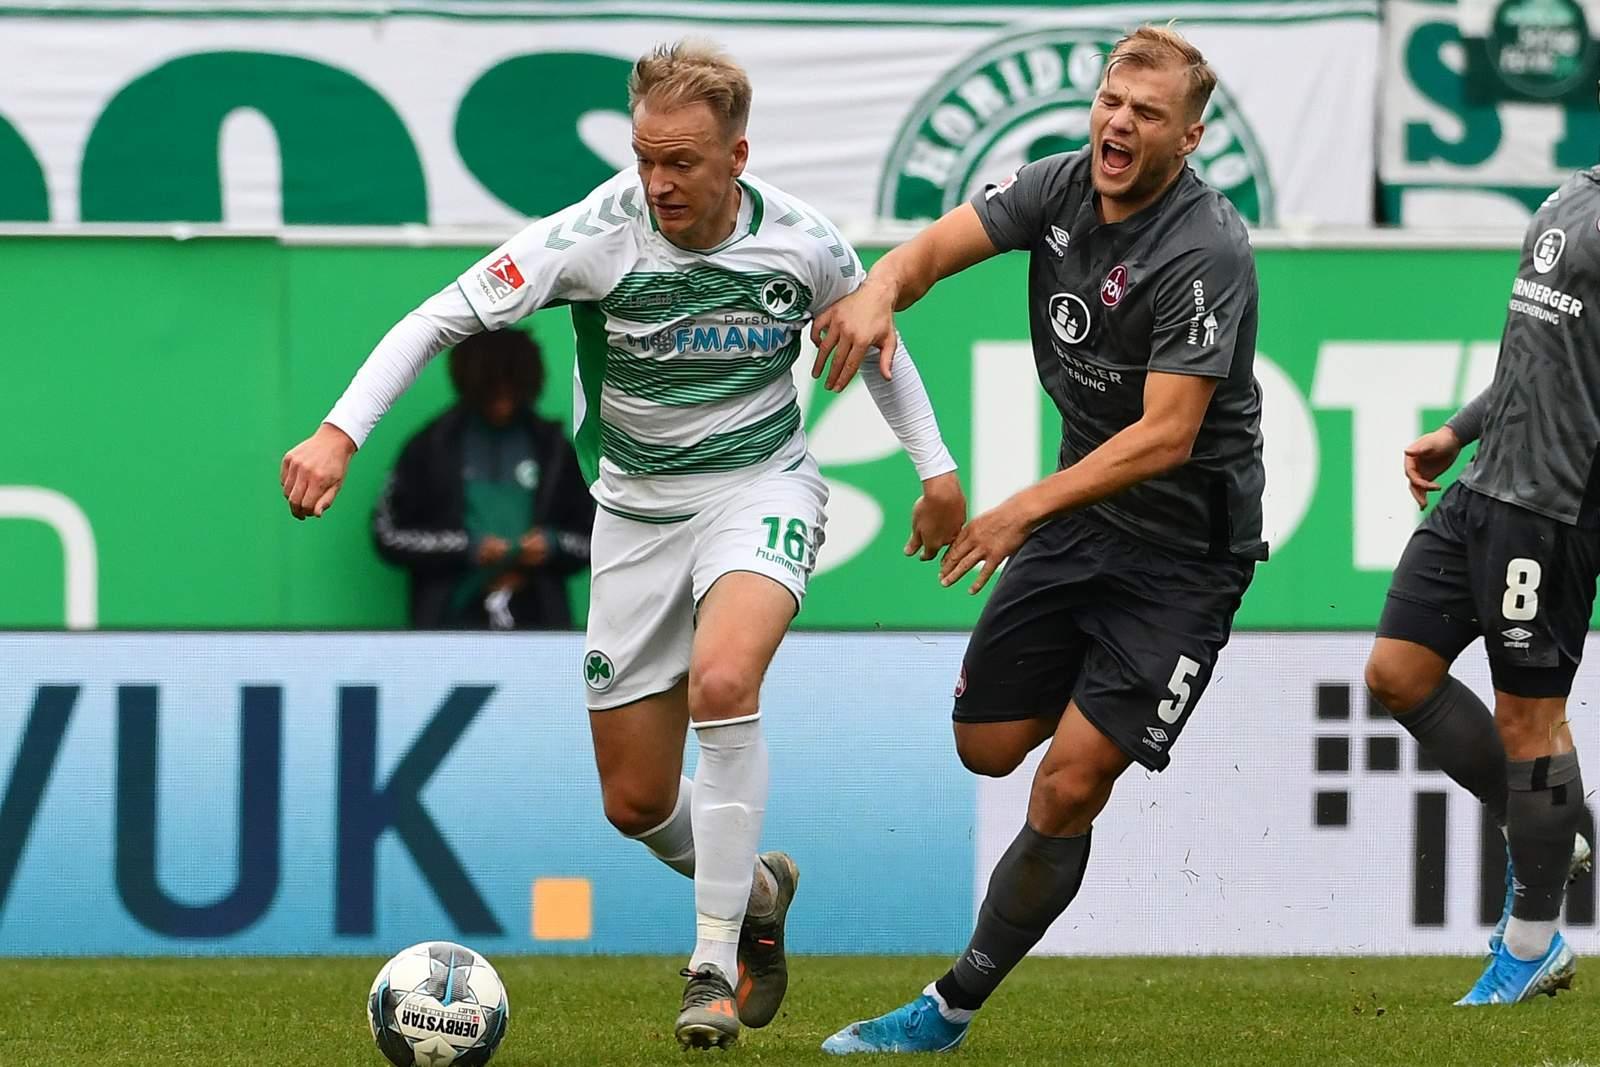 Havard Nielsen von Greuther Fürth gegen Johannes Geis vom 1. FC Nürnberg